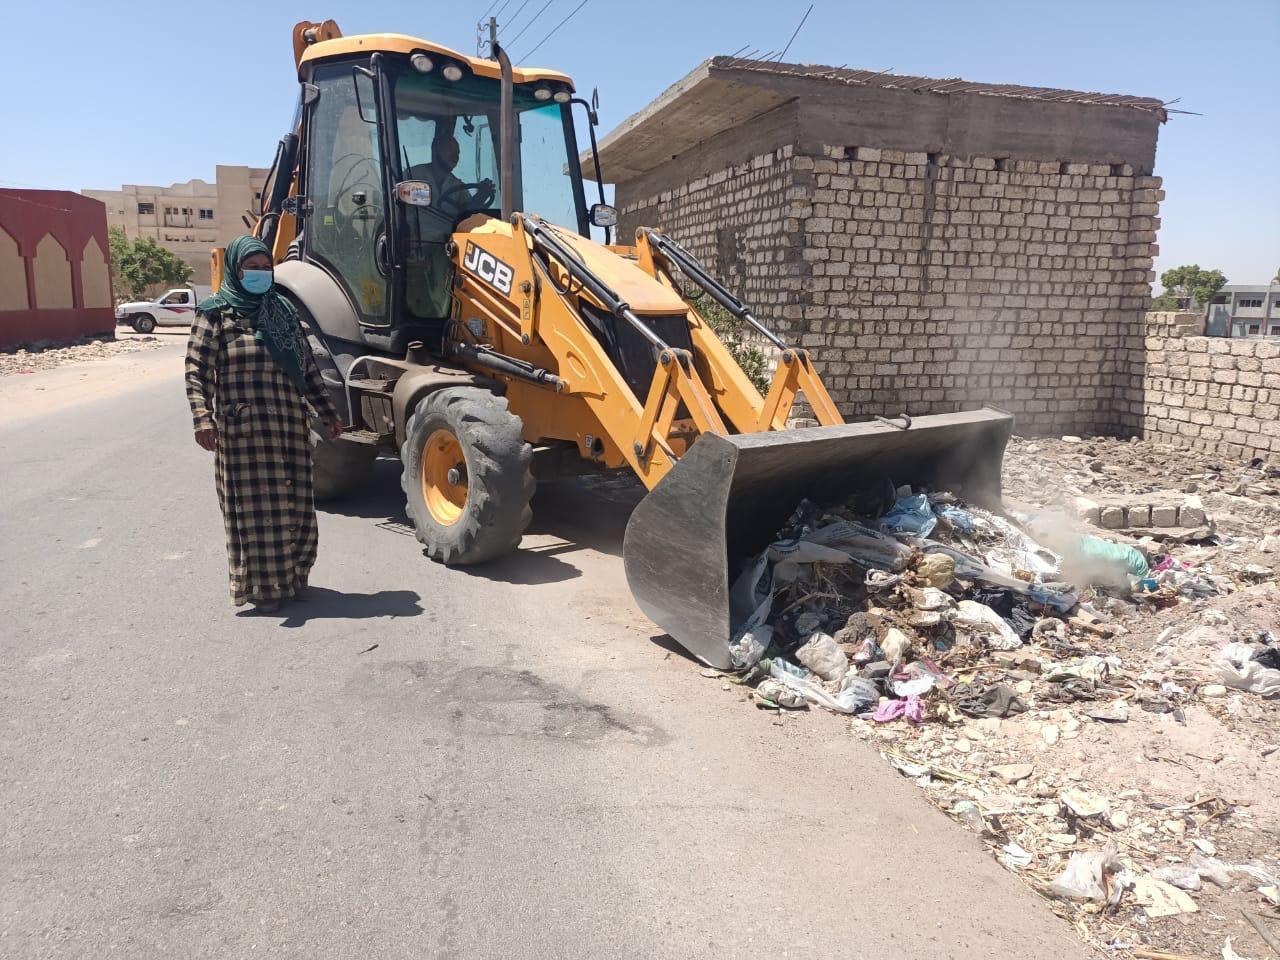 رفع 31طن من المخلفات والأتربة فى حملة مكبرة للنظافة بمدينة إسنا وقريتى المعلا والدبابية